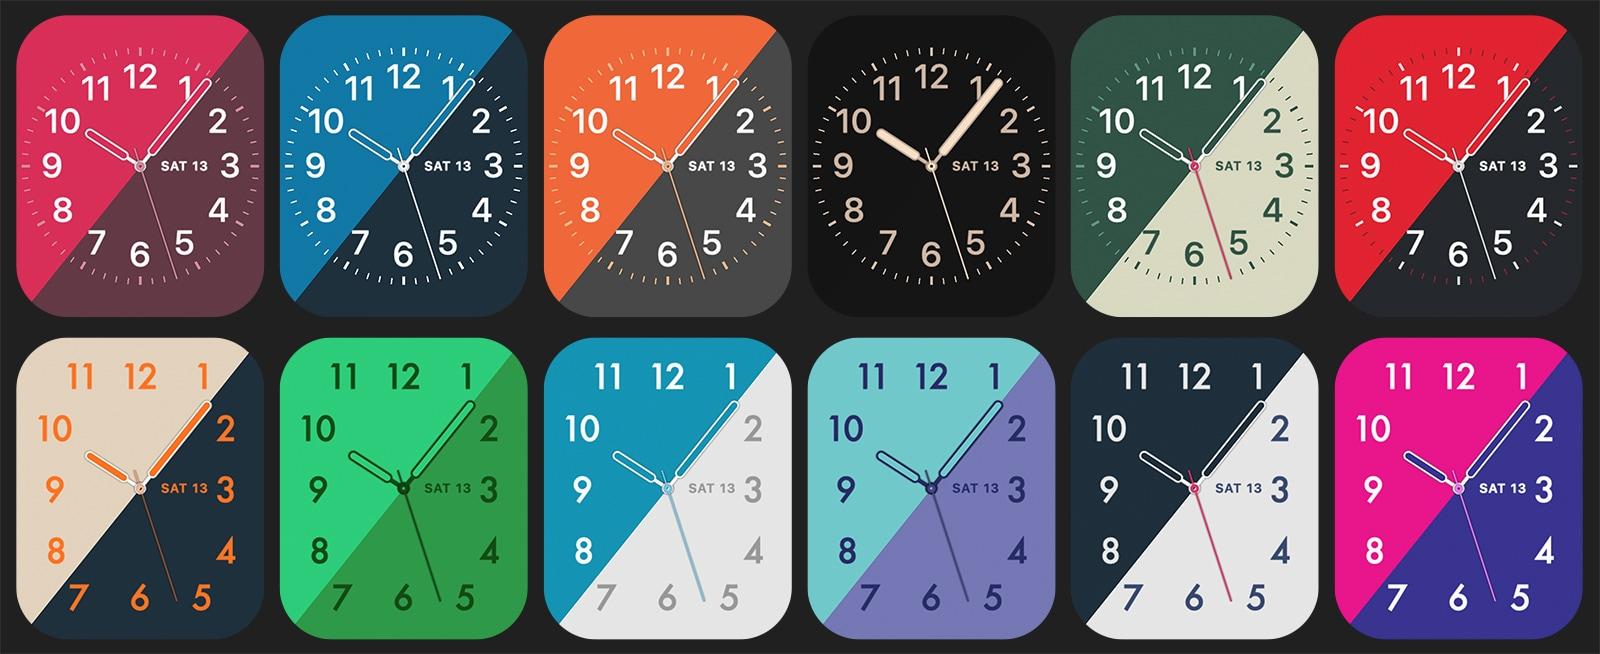 Mostradores do Apple Watch